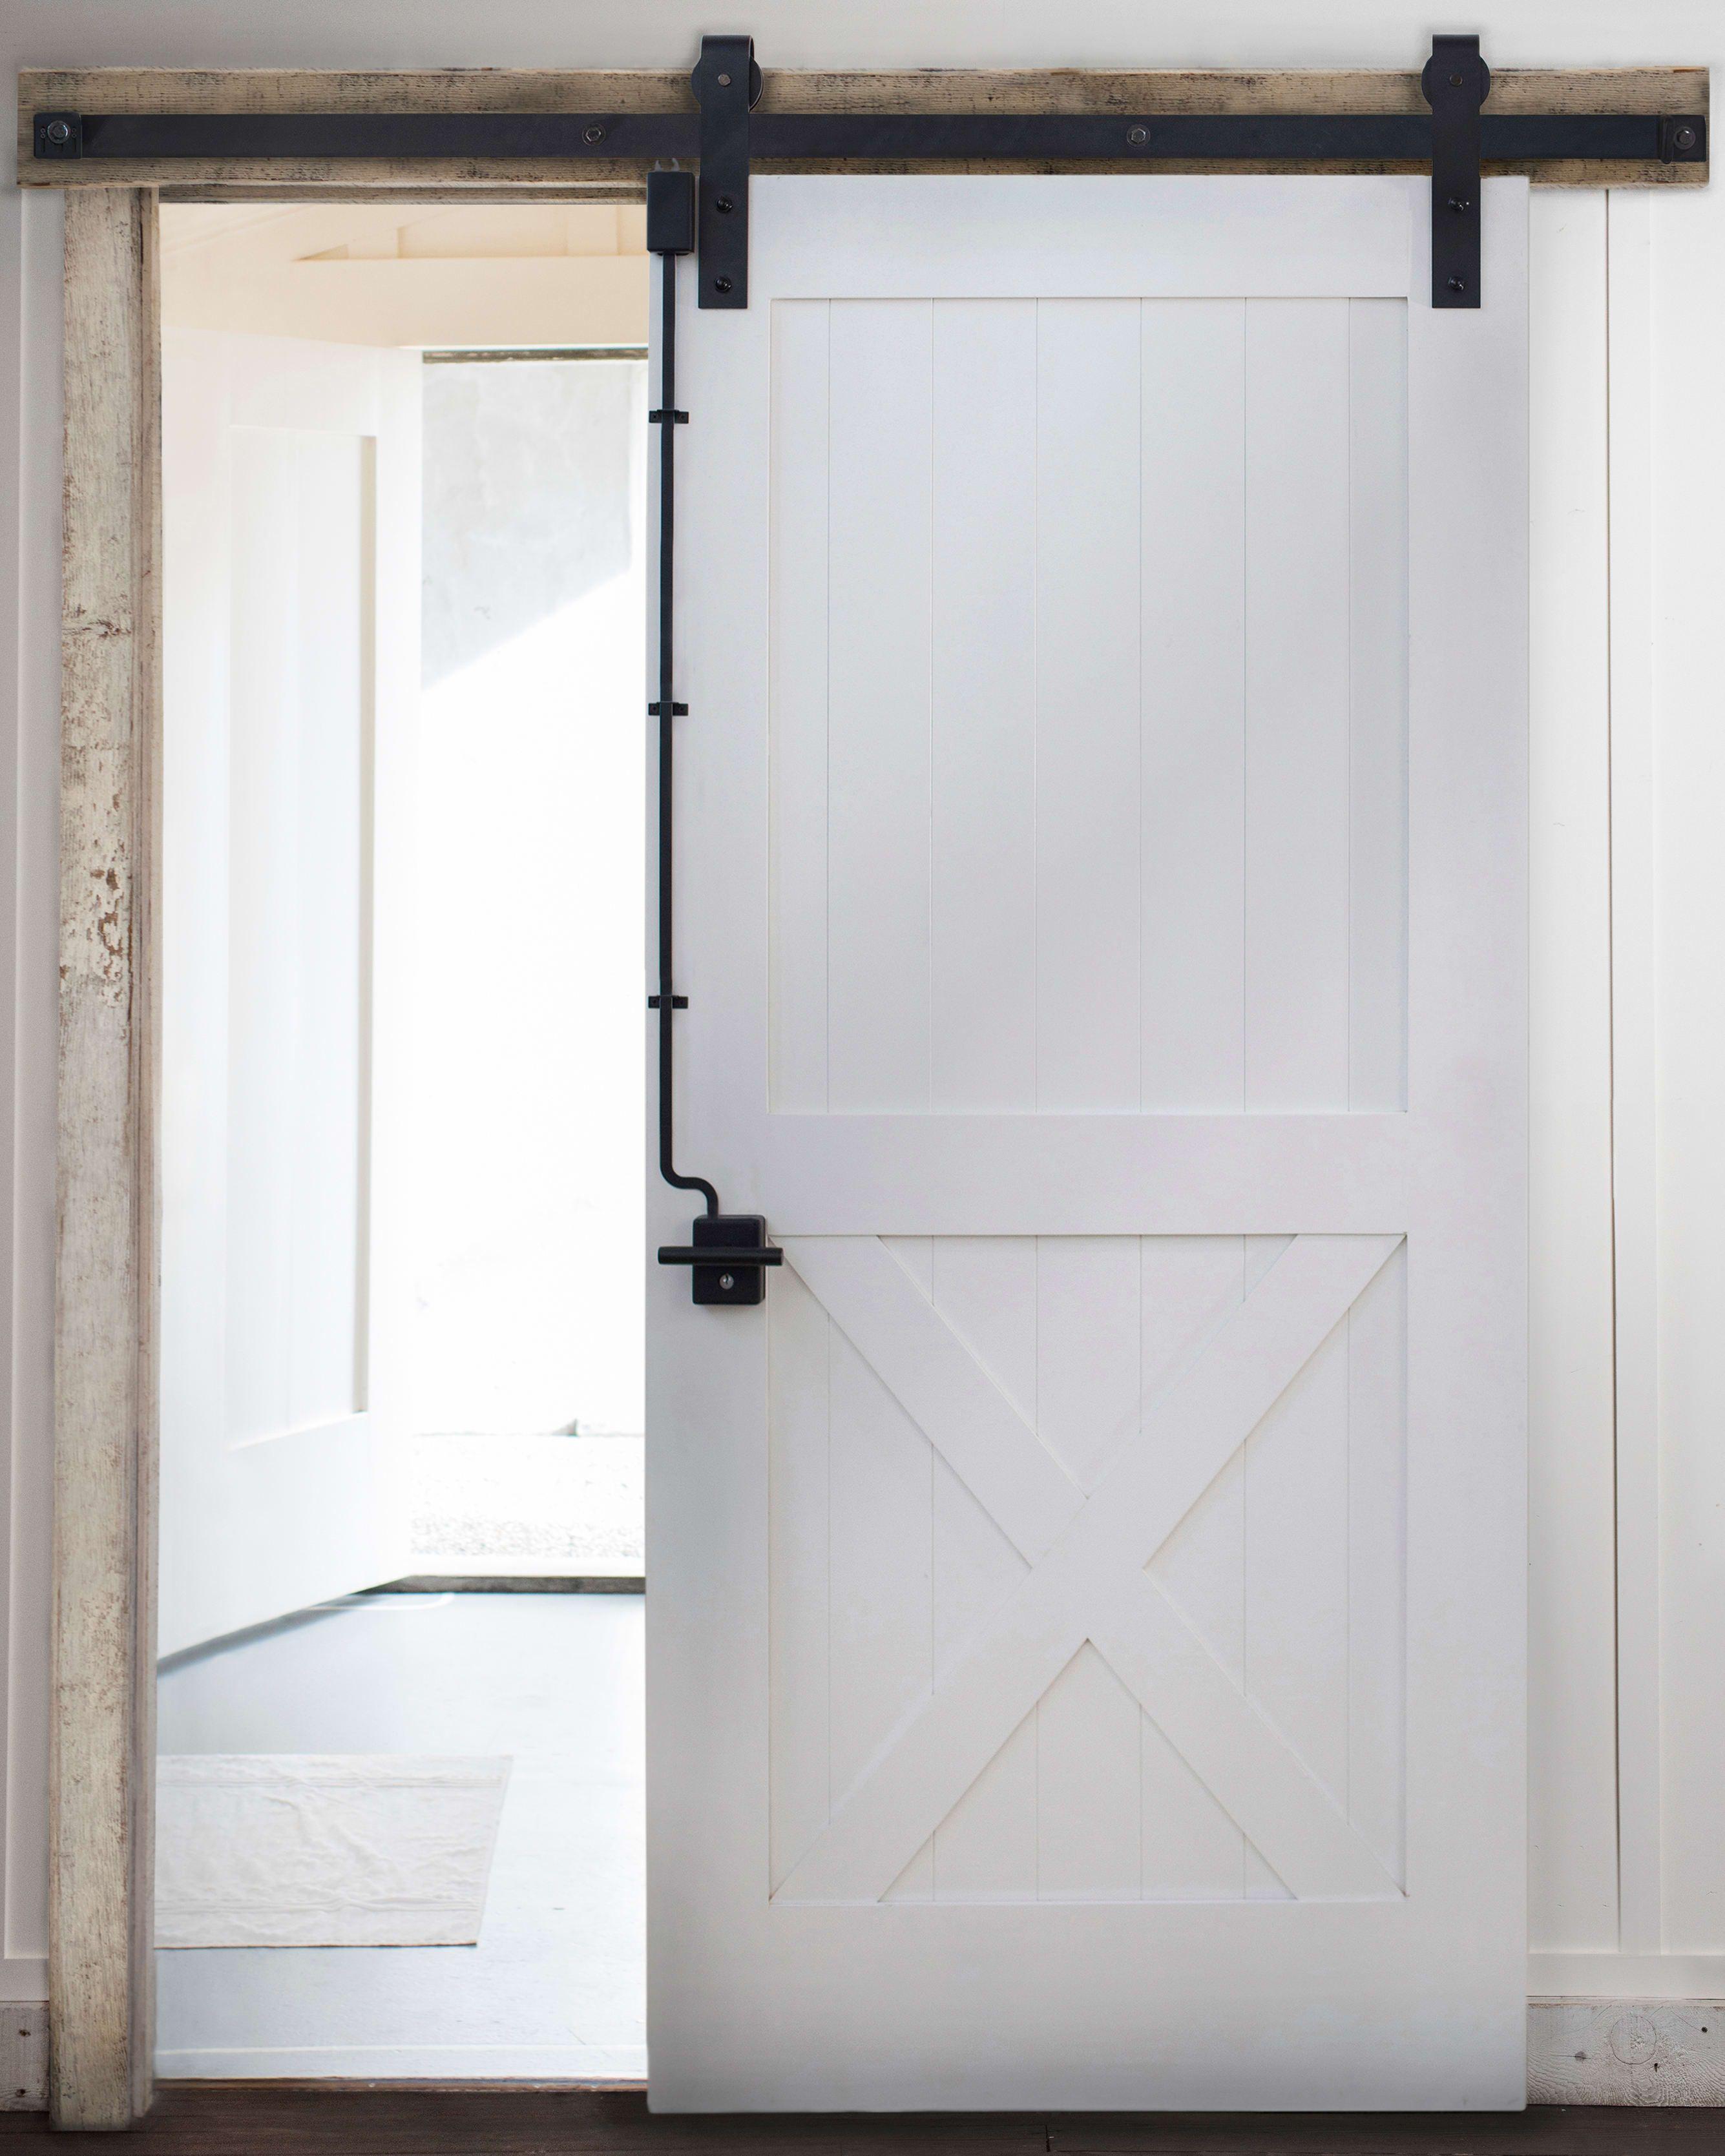 Sliding Barn Door Lock System | DIY Home things | Barn ...